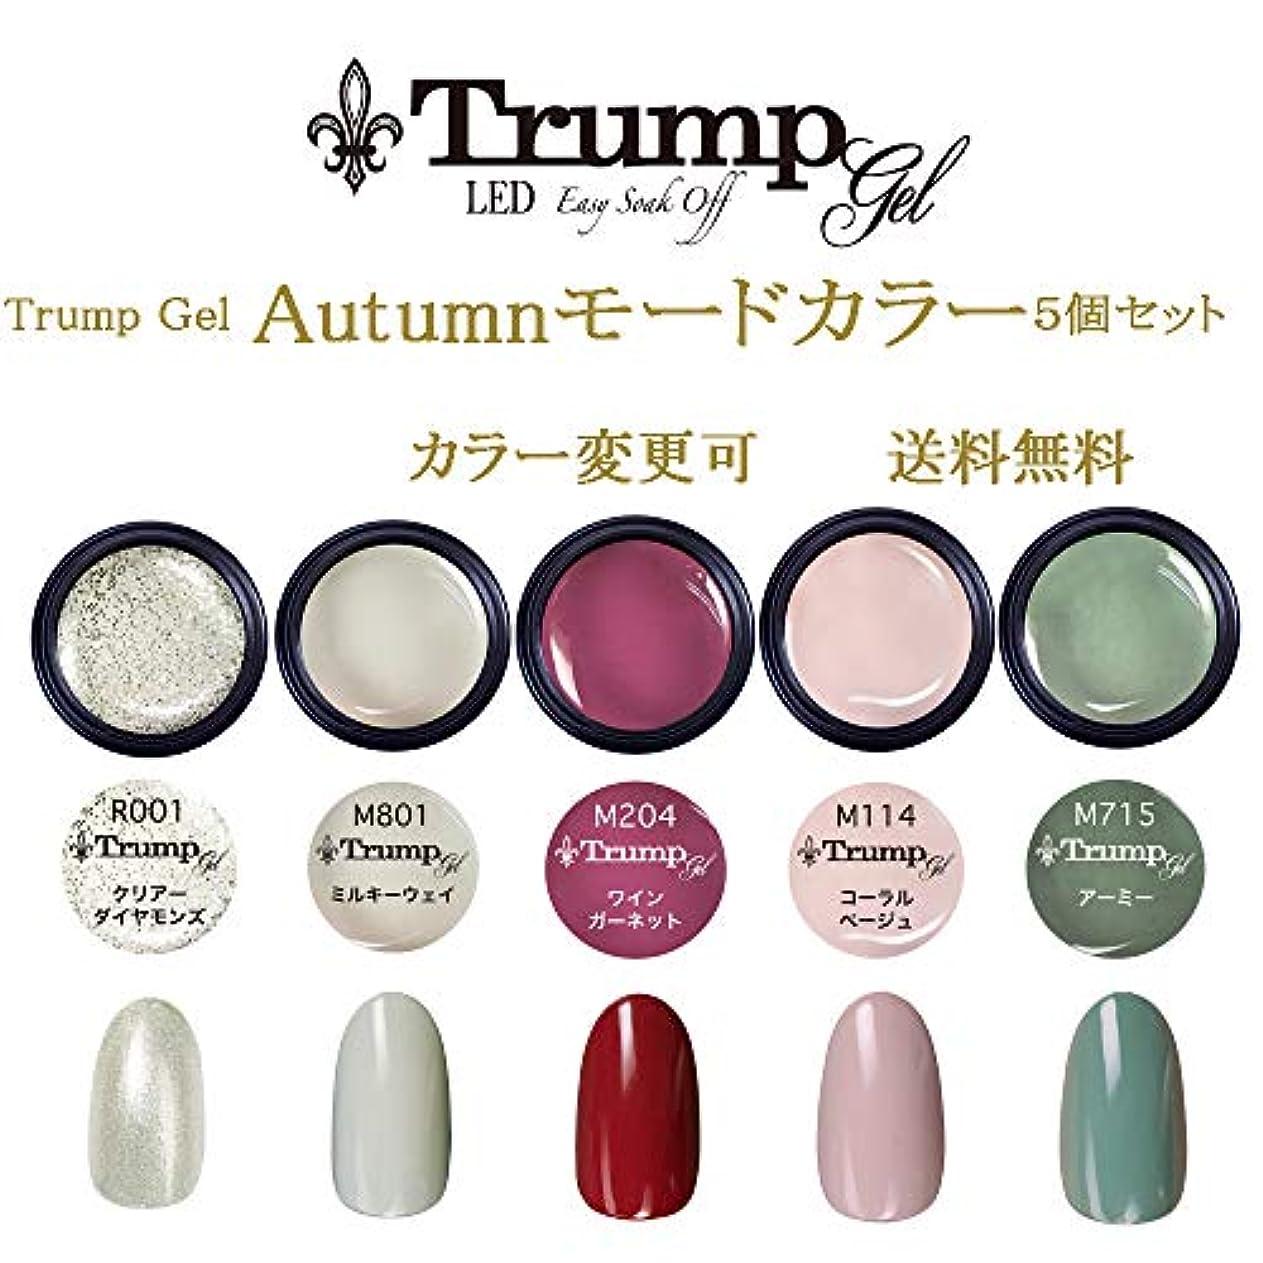 混合した対処する神経衰弱【送料無料】日本製 Trump gel トランプジェル オータムモード カラー 選べる カラージェル 5個セット 秋ネイル ベージュ ボルドー カーキ ラメ カラー